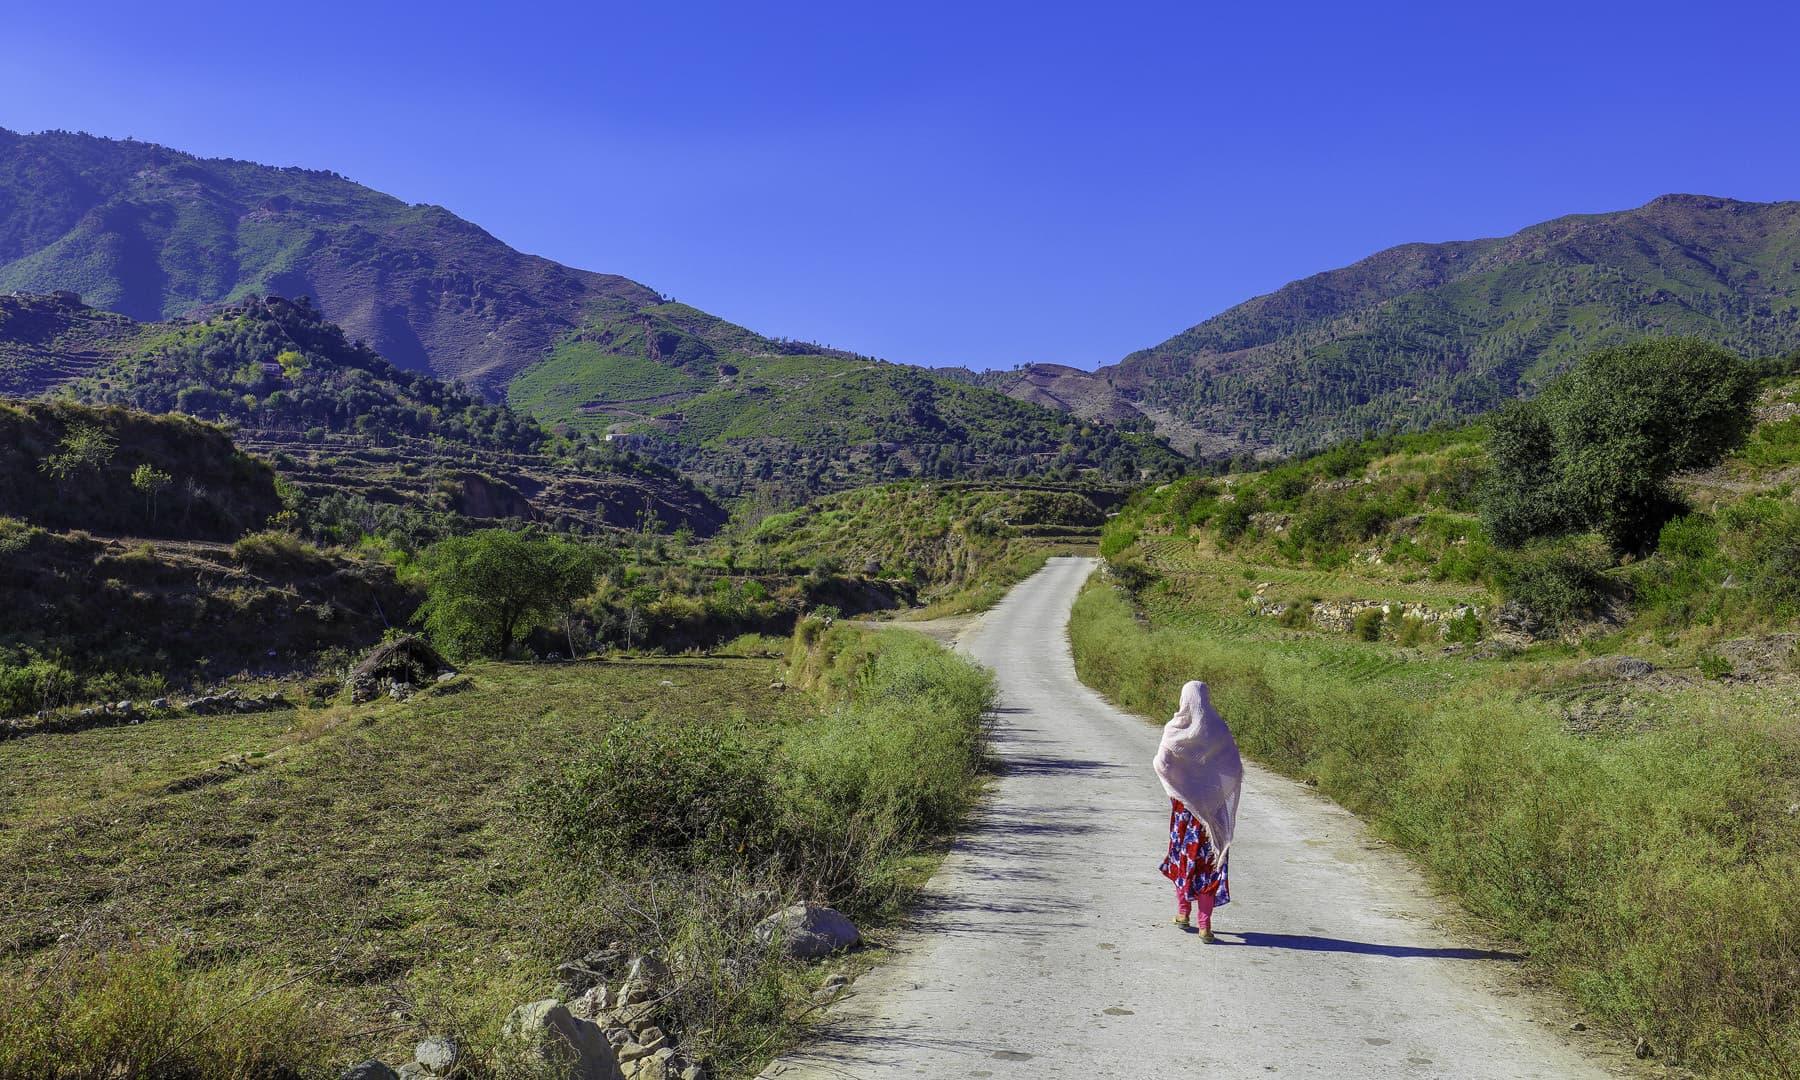 چلو اب گھر چلیں، دن جا رہا ہے. — فوٹو سید مہدی بخاری۔